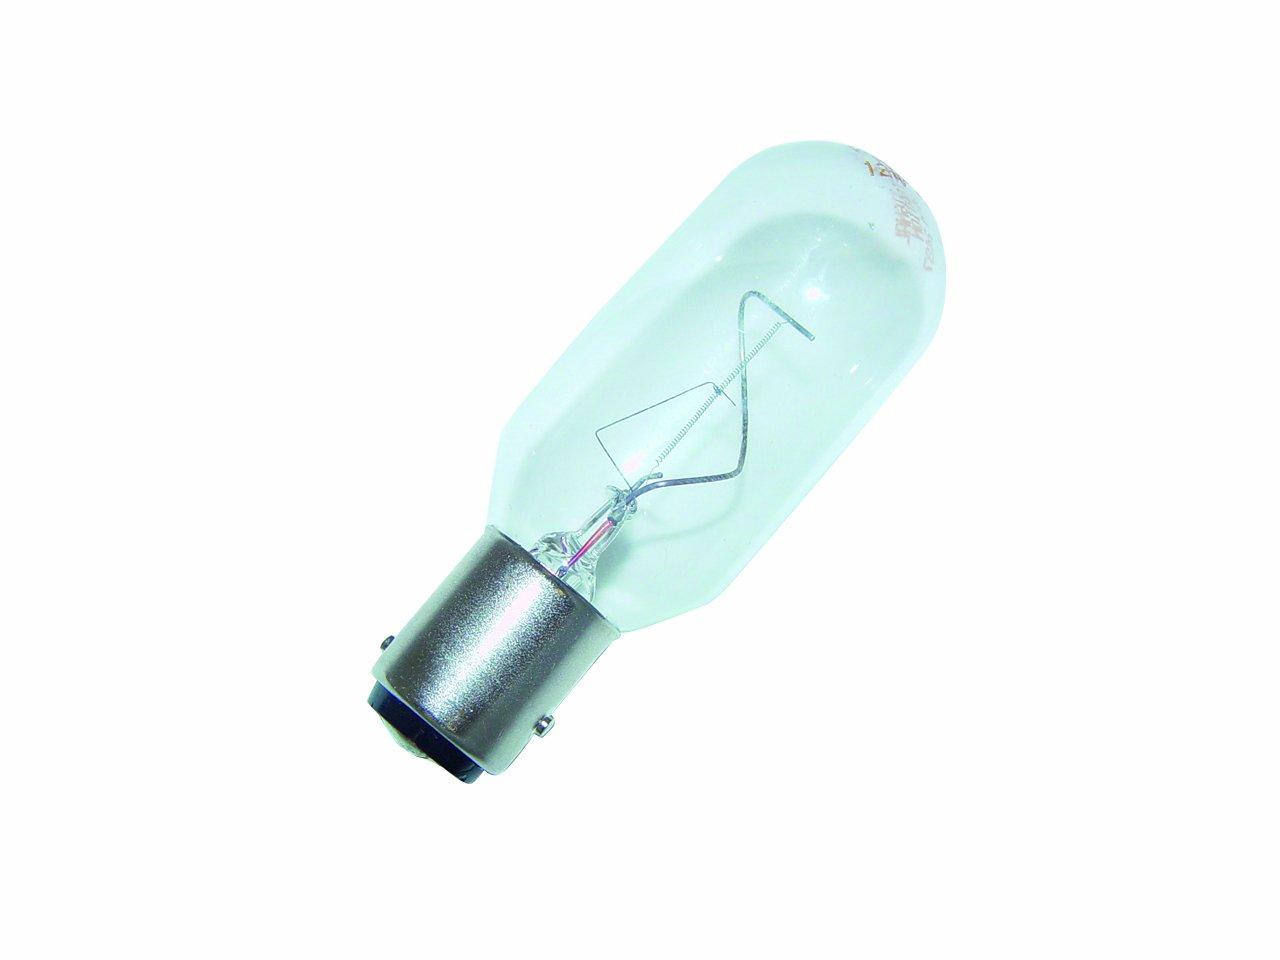 Aqua Signal 12V/25W 15D Bayonet Navigation Light Bulb